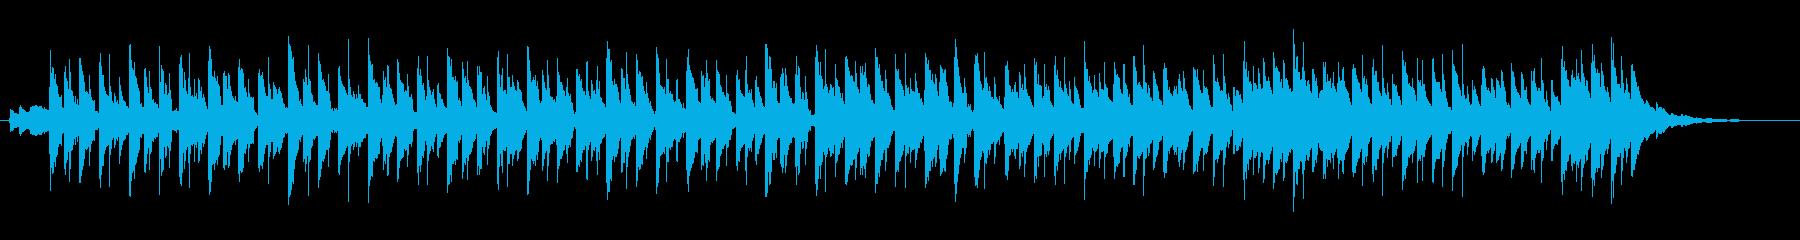 ほのぼのポップス 街のBGMの再生済みの波形